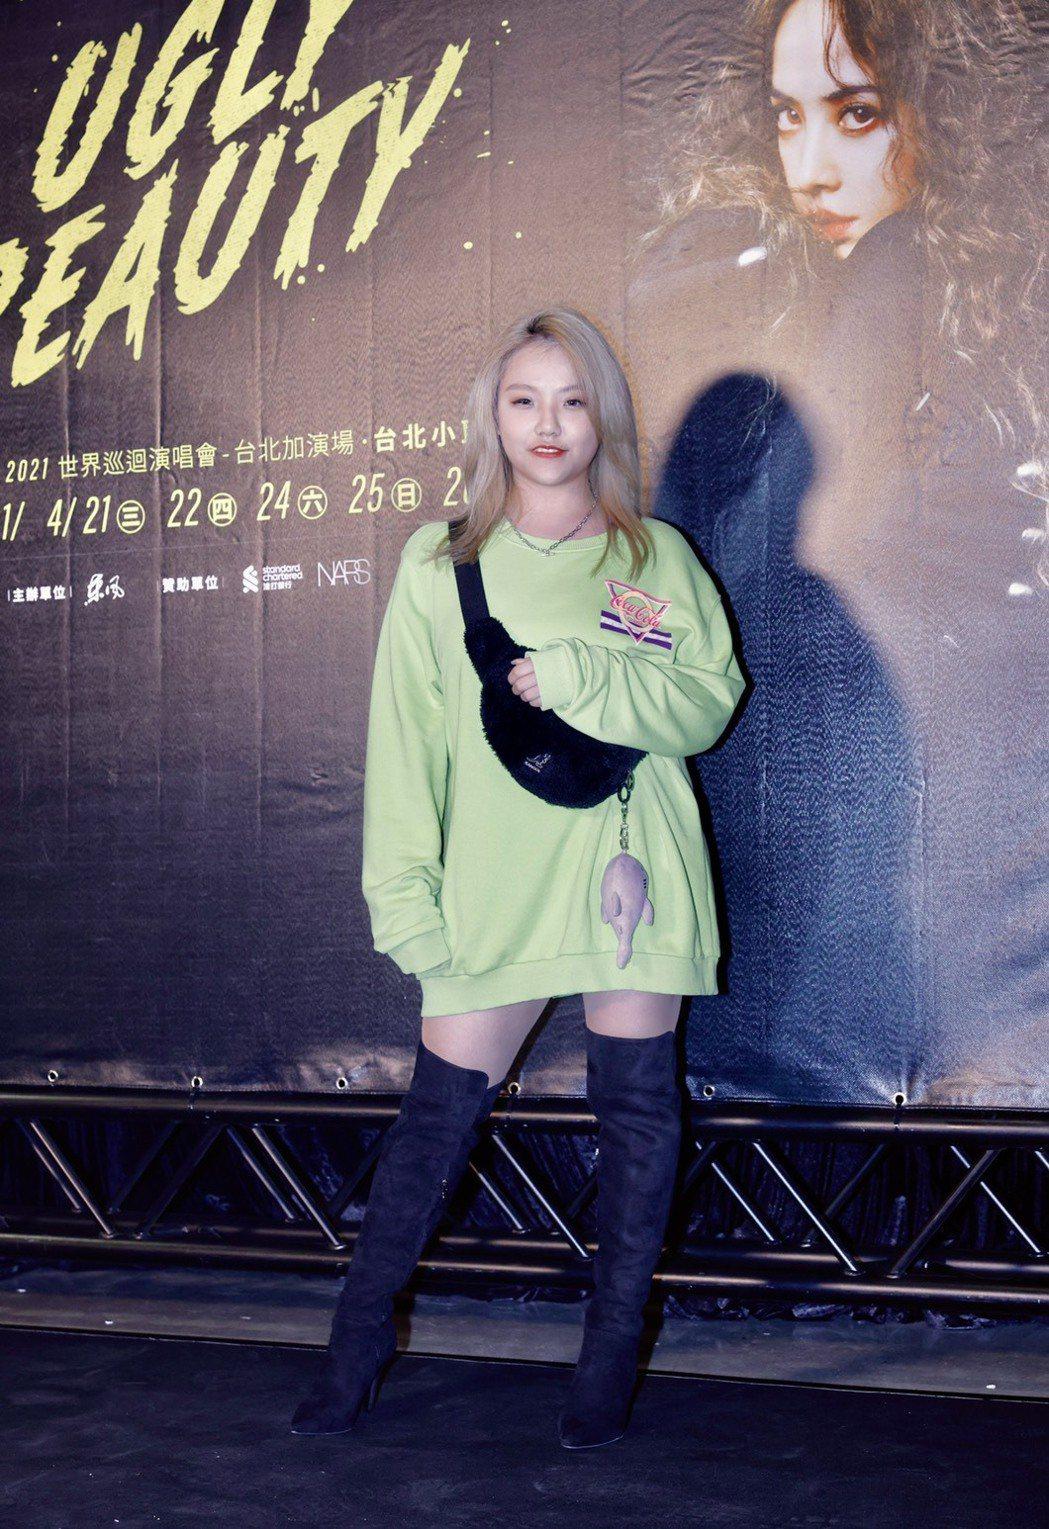 安那很期待見到蔡依林的性感裝扮。記者李政龍/攝影